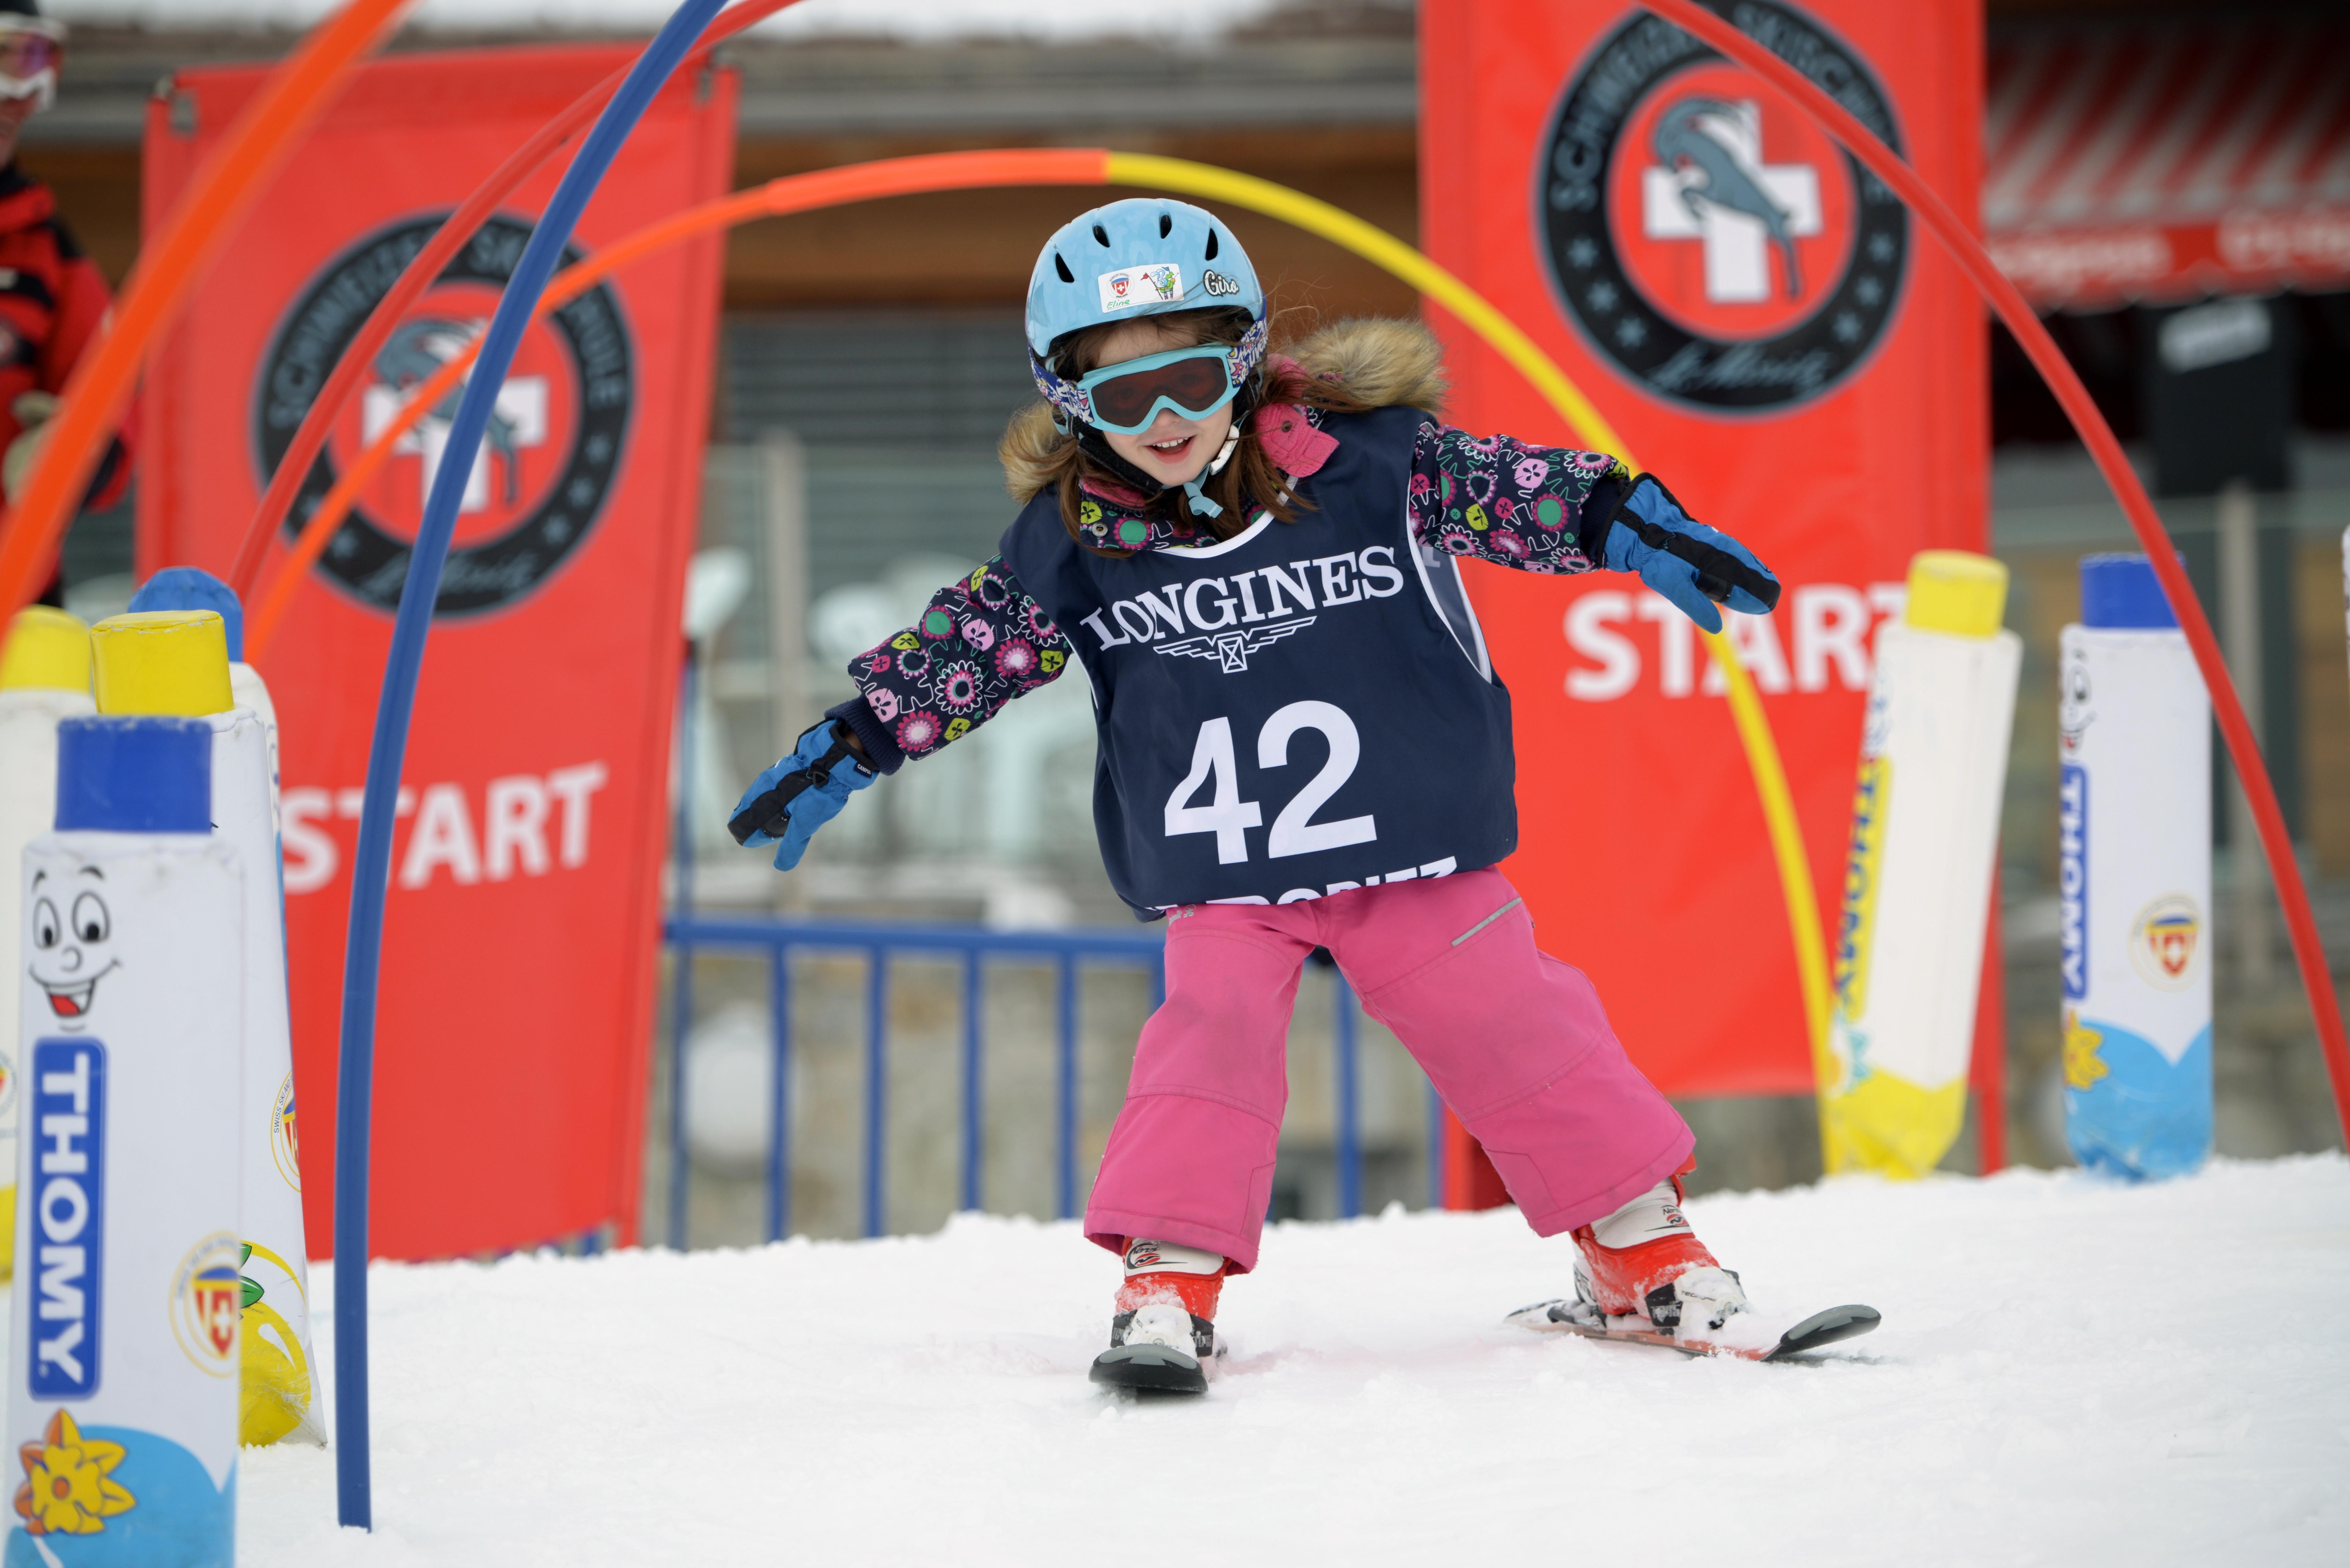 Schweizer Skischule St. Moritz / Celerina Slide 1